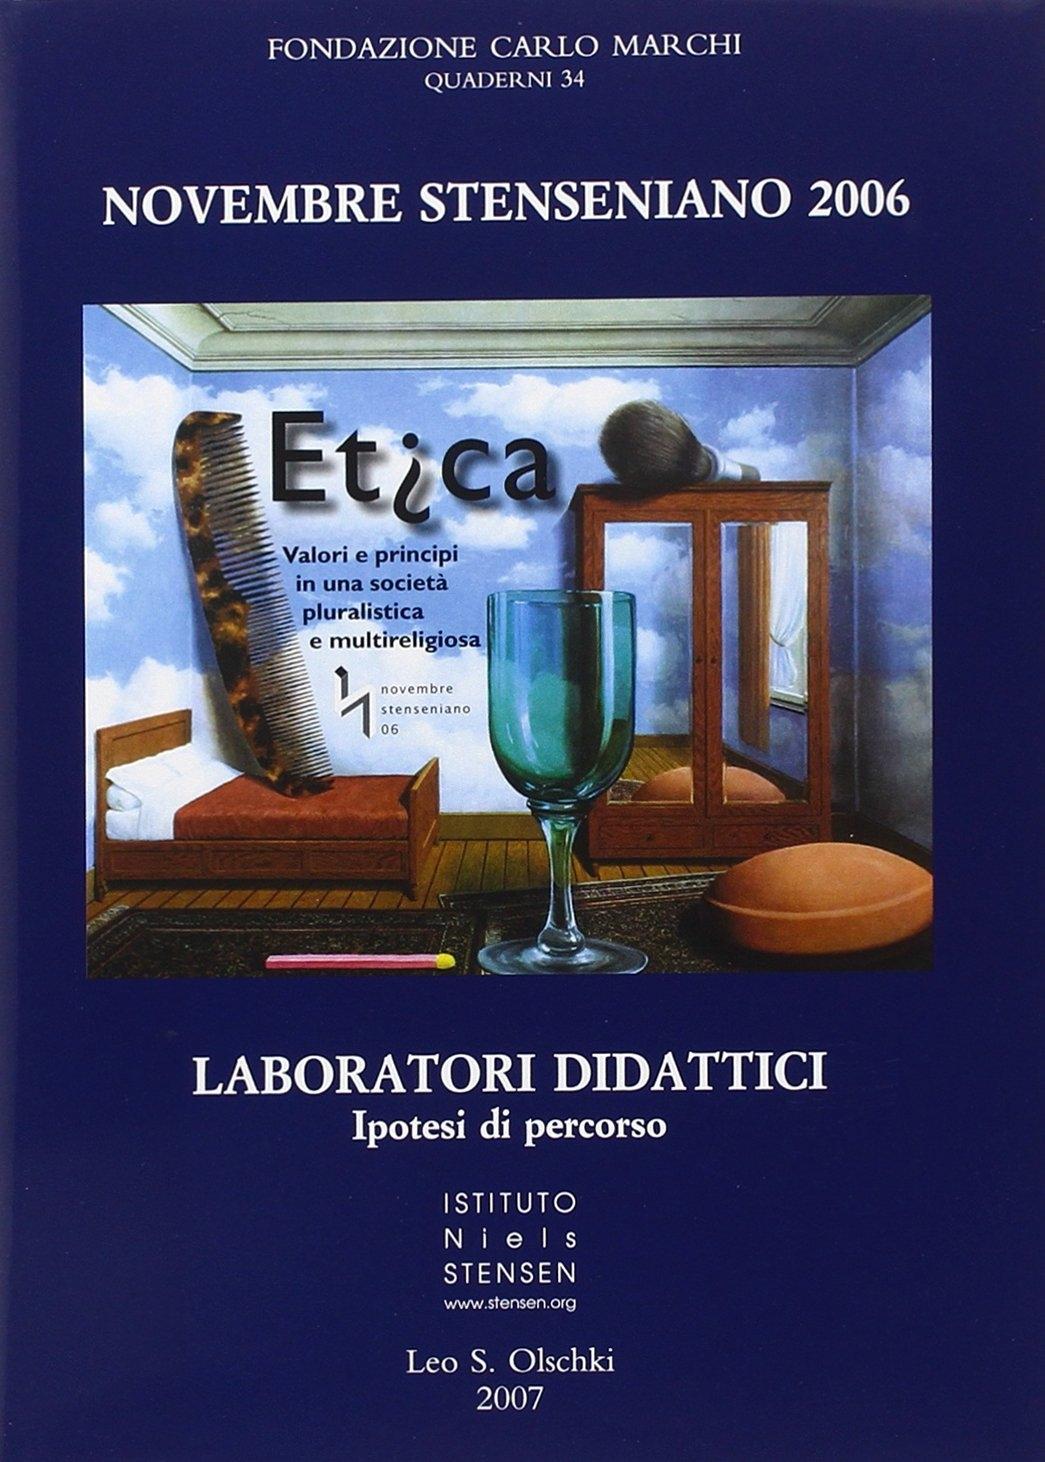 Novembre Stenseniano 2006. Etica. Valori e principi in una società pluralistica e multireligiosa. Laboratori didattici, ipotesi di percorso.